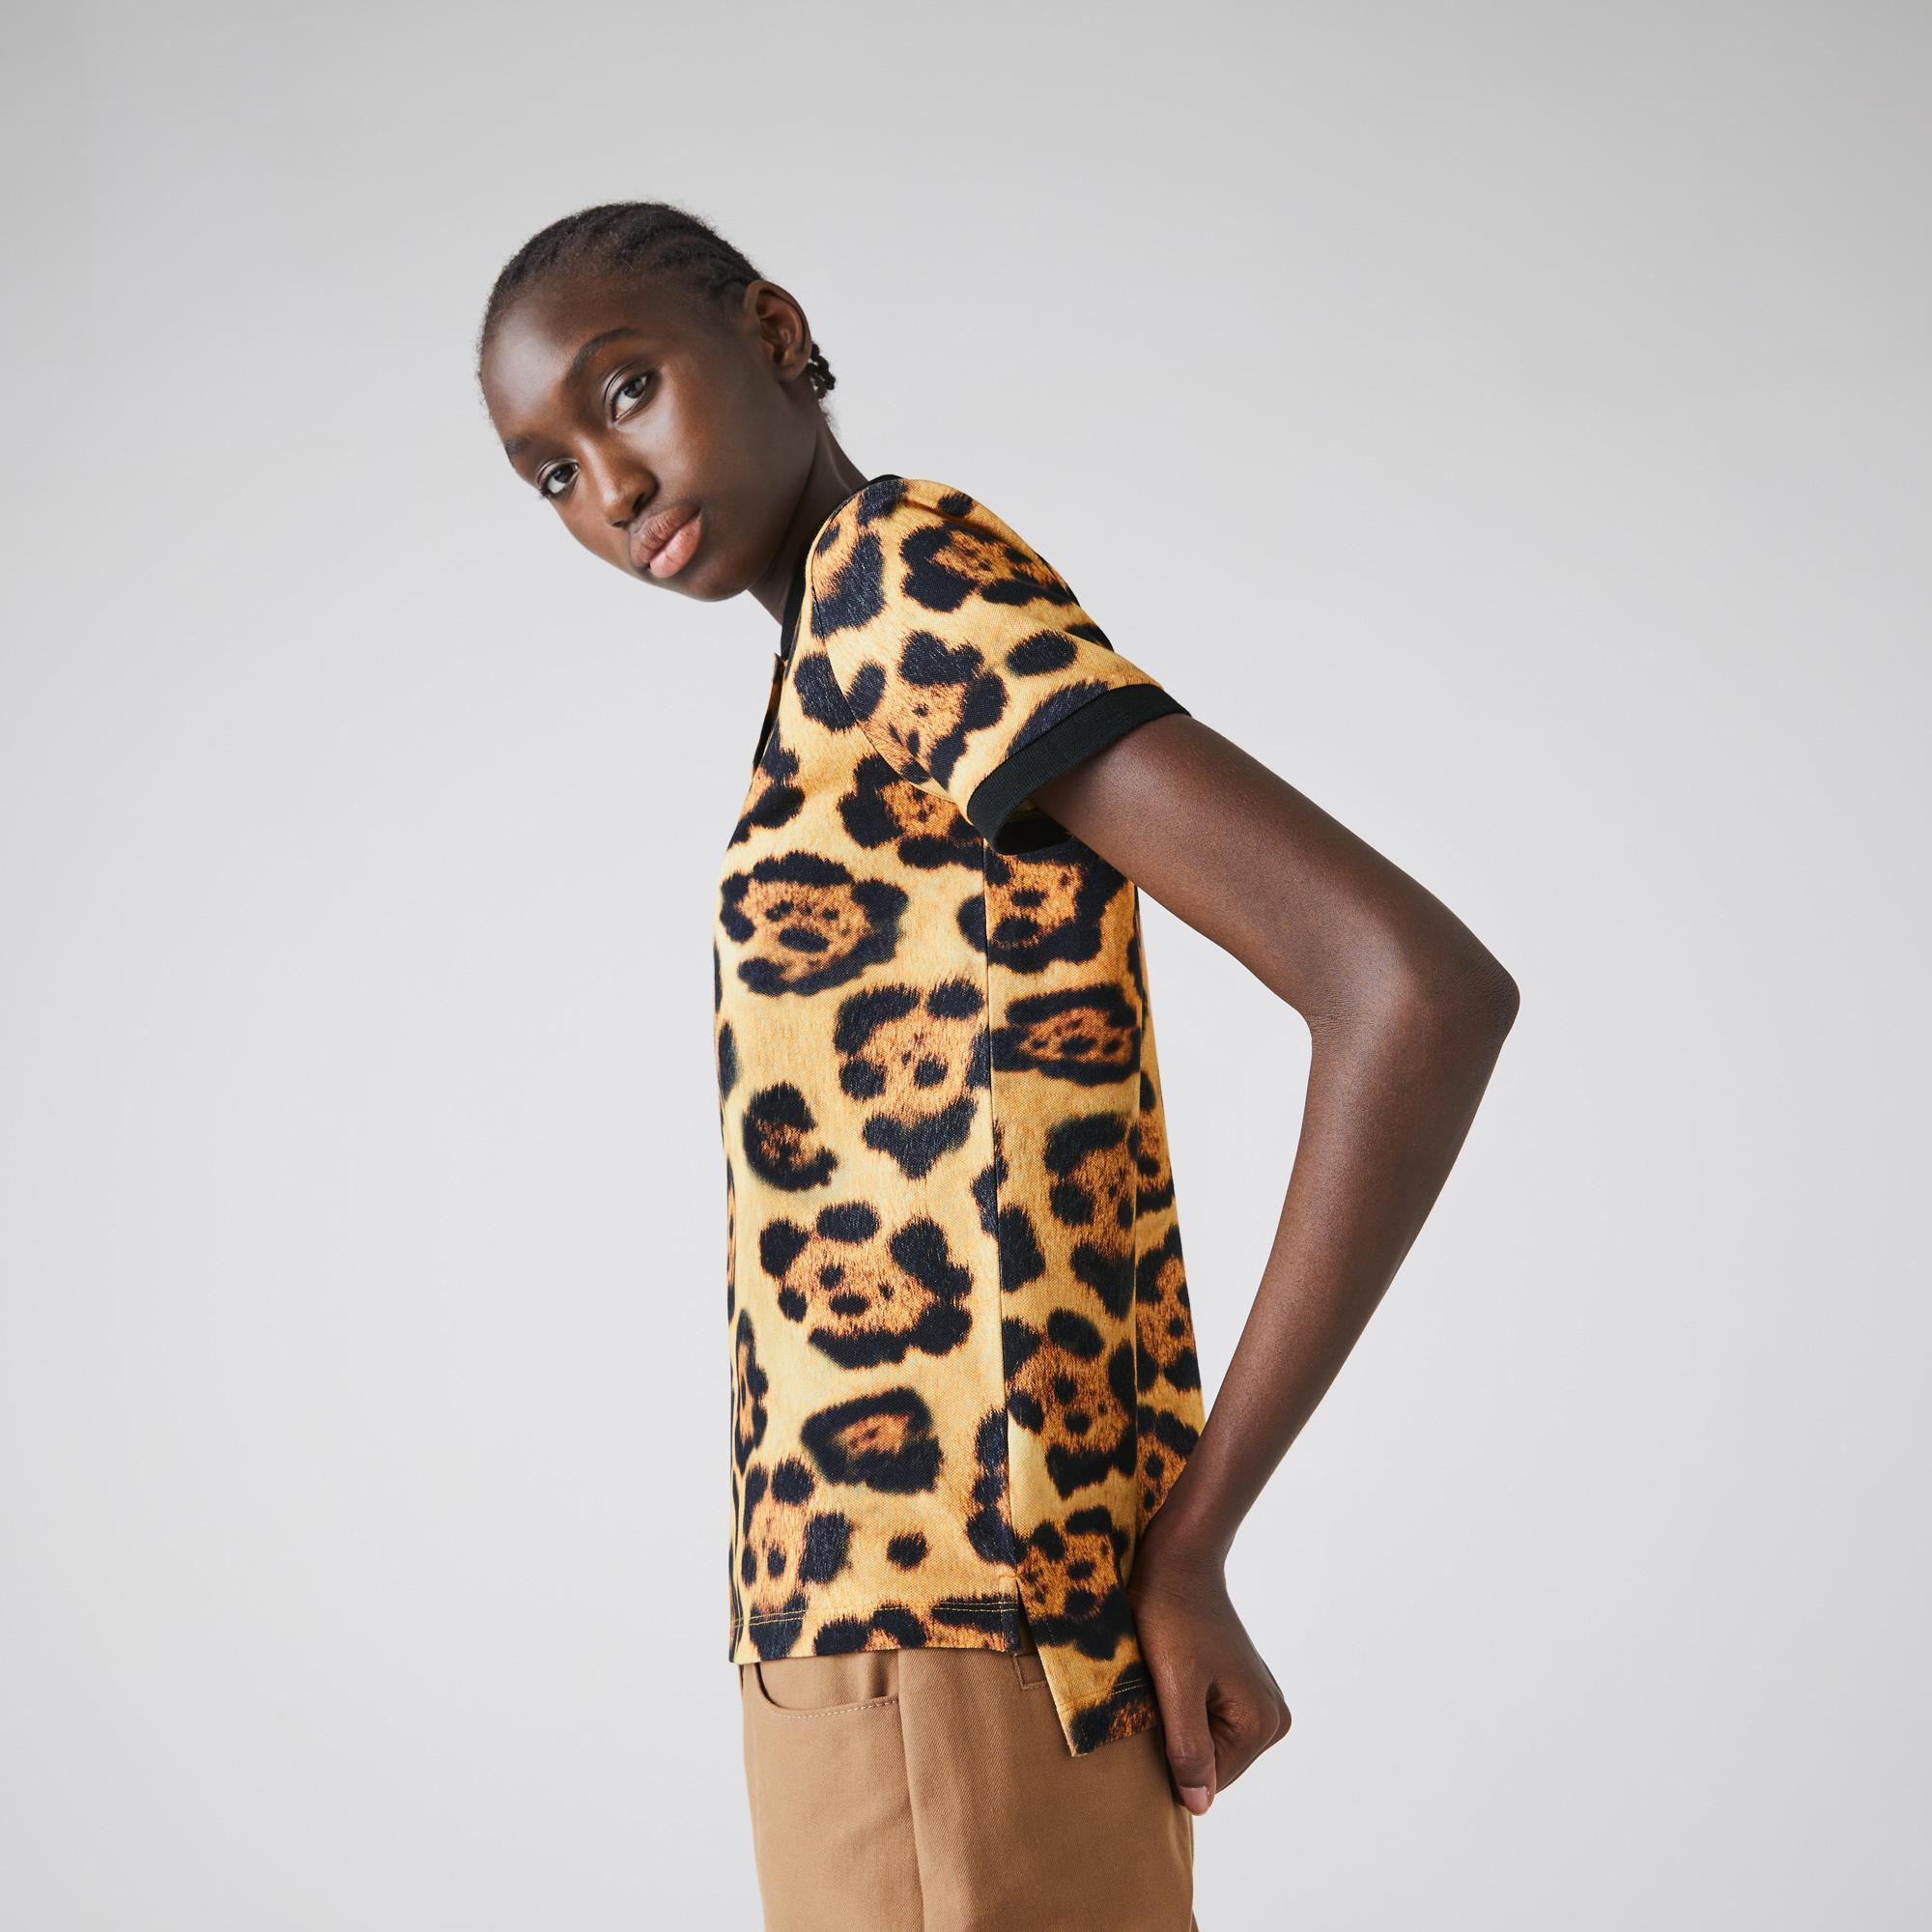 Lacoste X National Geographic Damska Koszulka Polo Z Motywem Zwierzęcym Z Piki